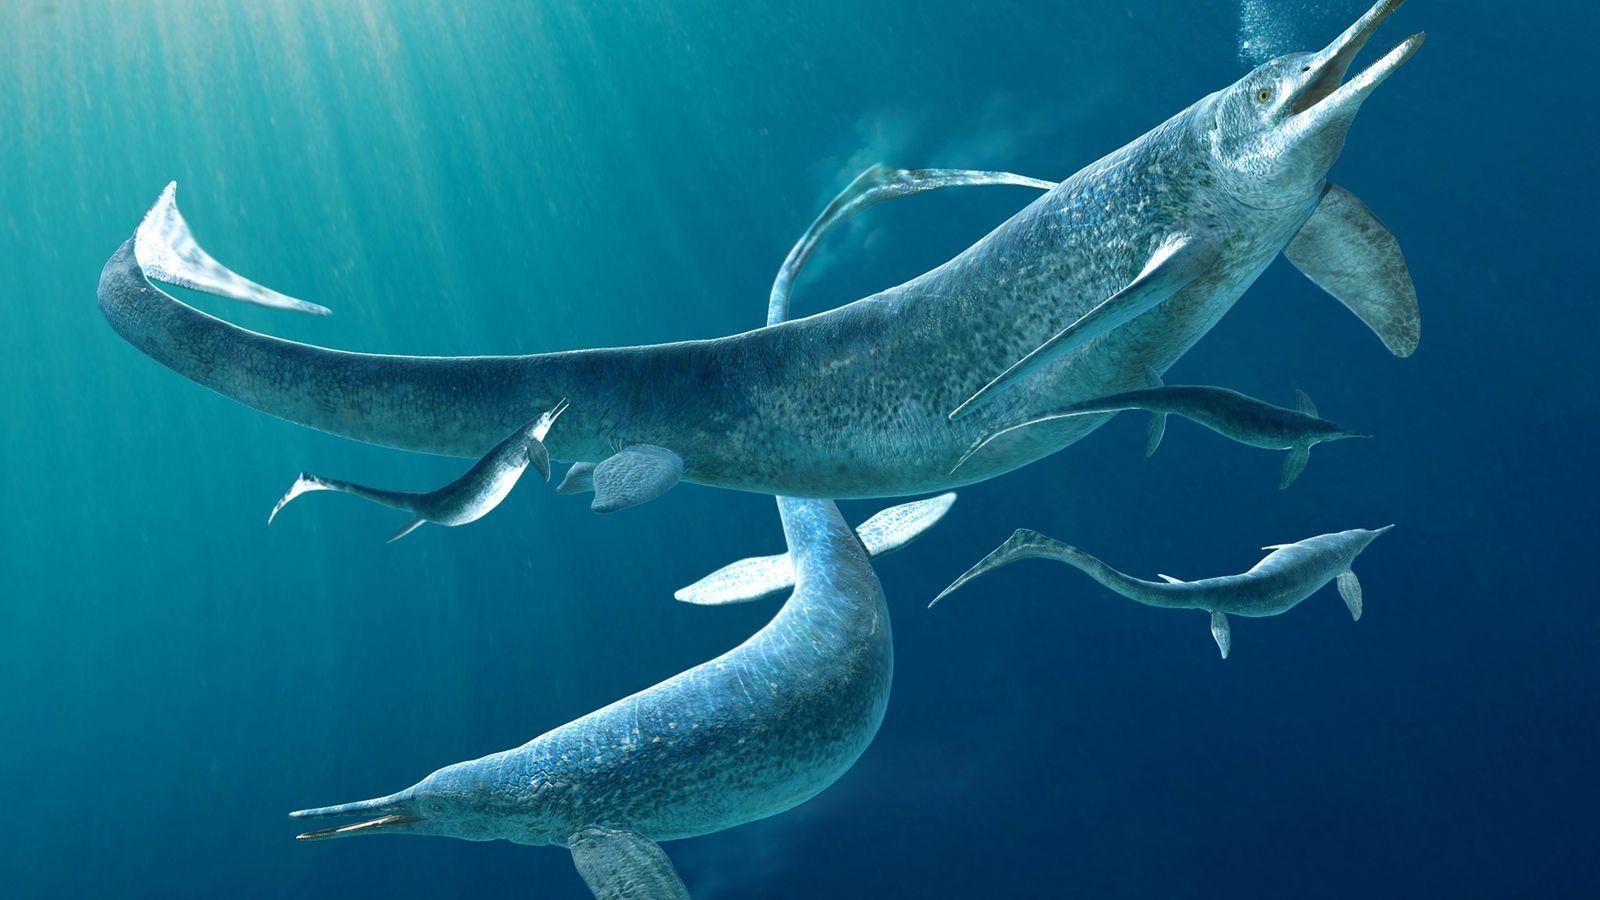 A ilustração mostra um grupo de Besanosaurus, um gênero de ictiossauros, antigos répteis marinhos com certa semelhança ...